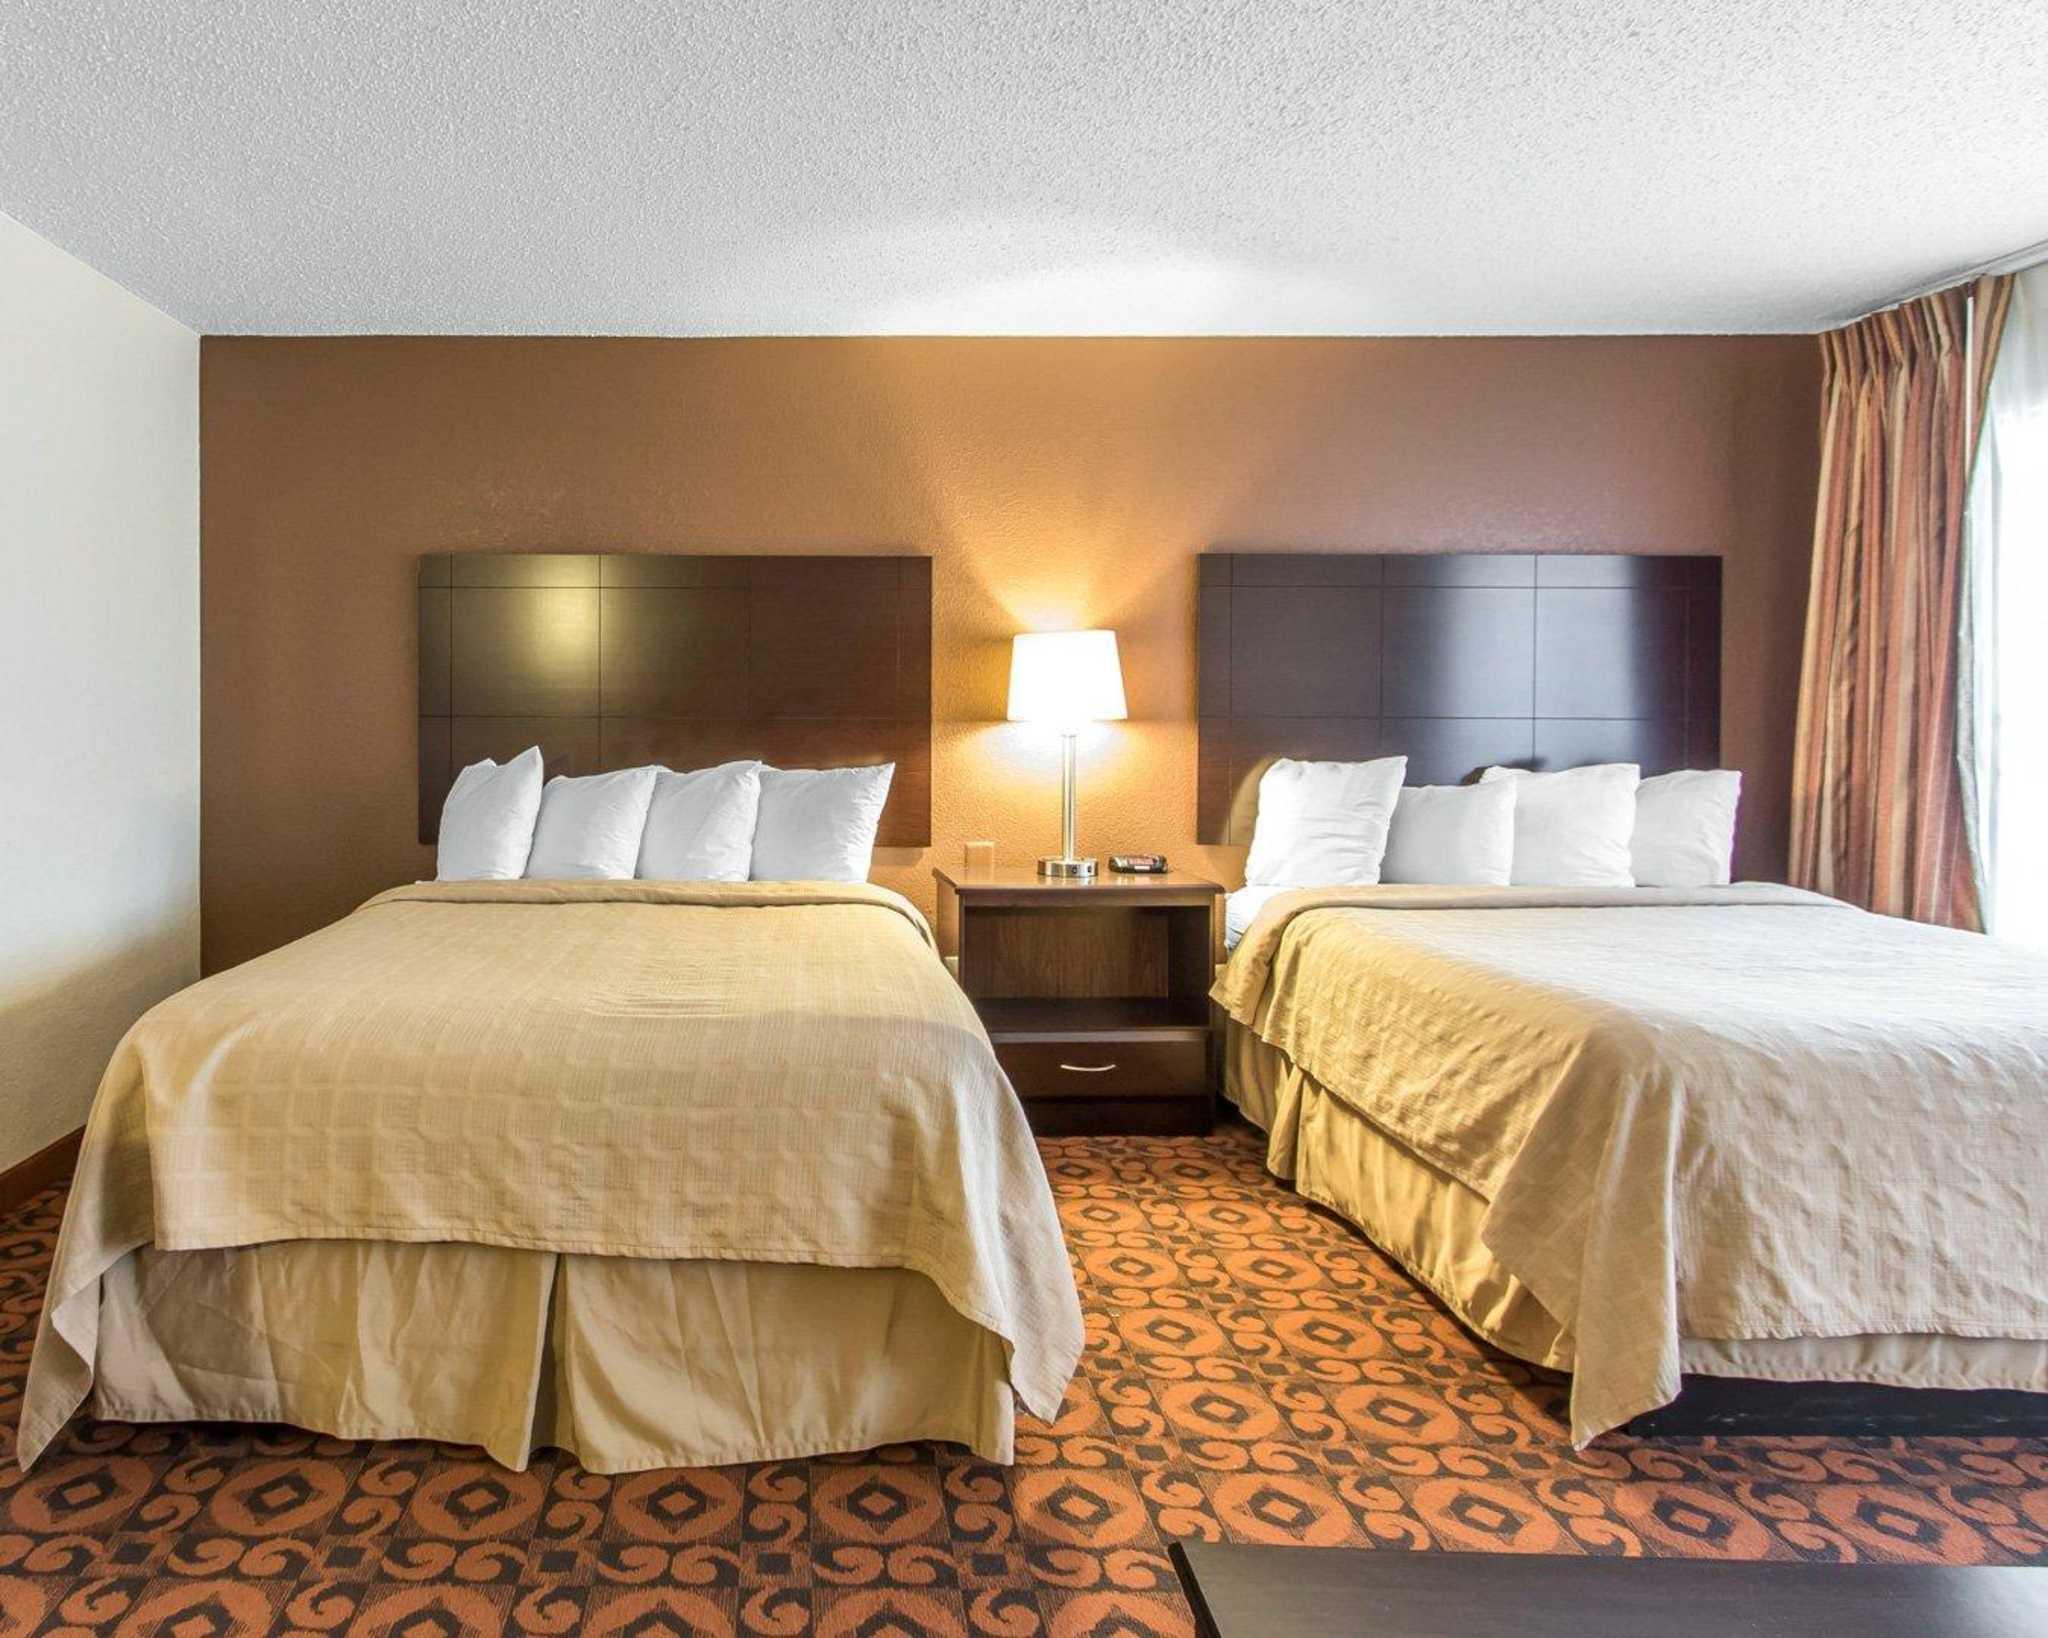 Quality Inn & Suites Fairgrounds West image 26